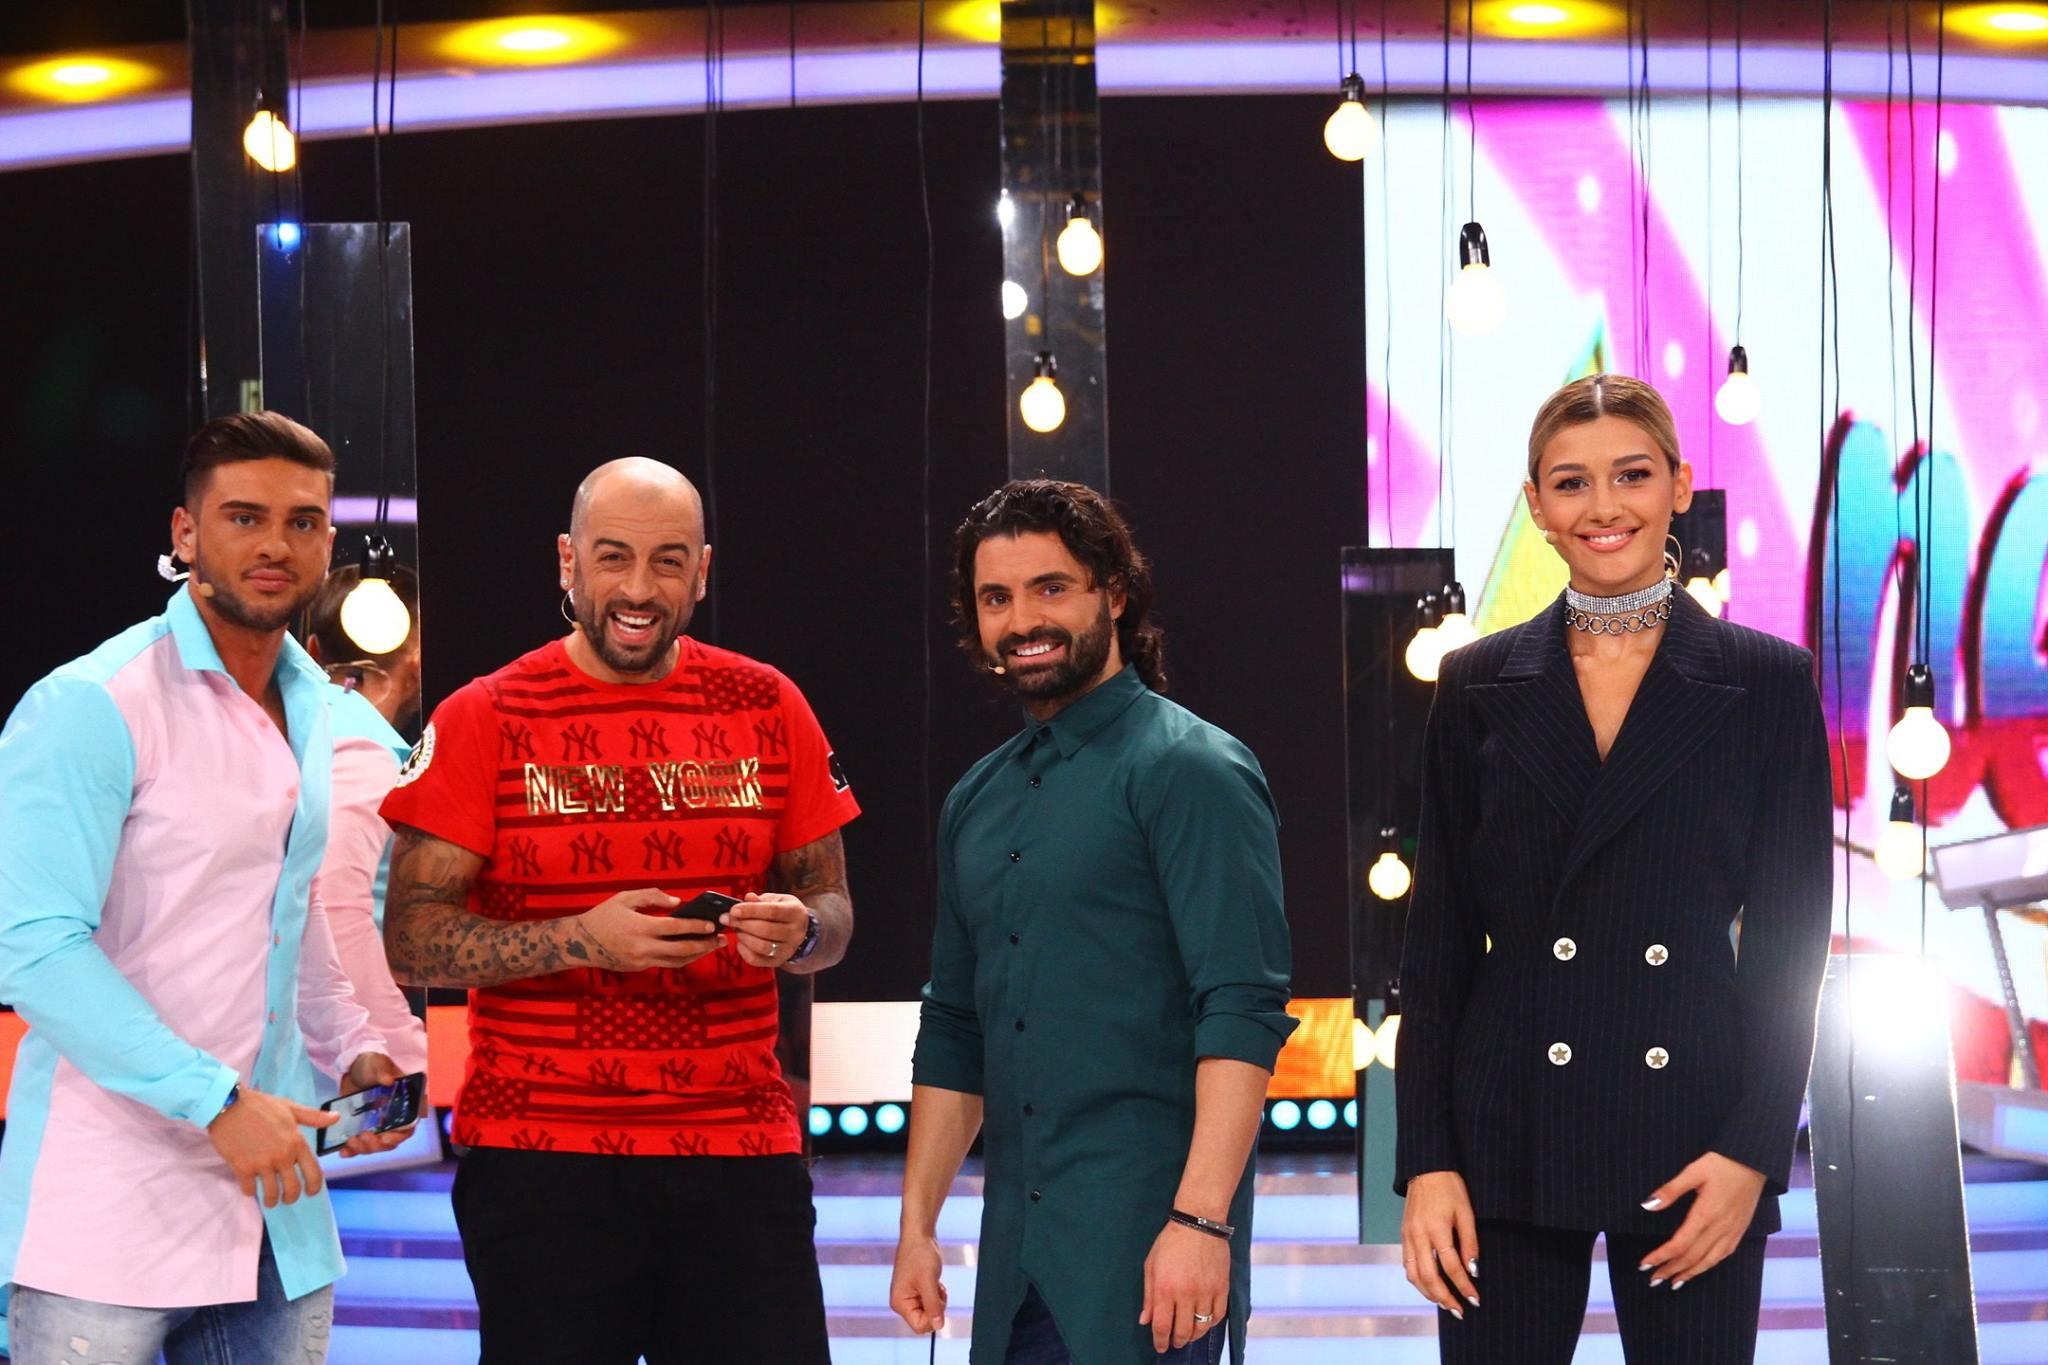 """Cântăreţul este jurat la emisiunea """"Next star"""", de la Antena 1, alături de Alina Eremia, Pepe şi Dorian Popa"""